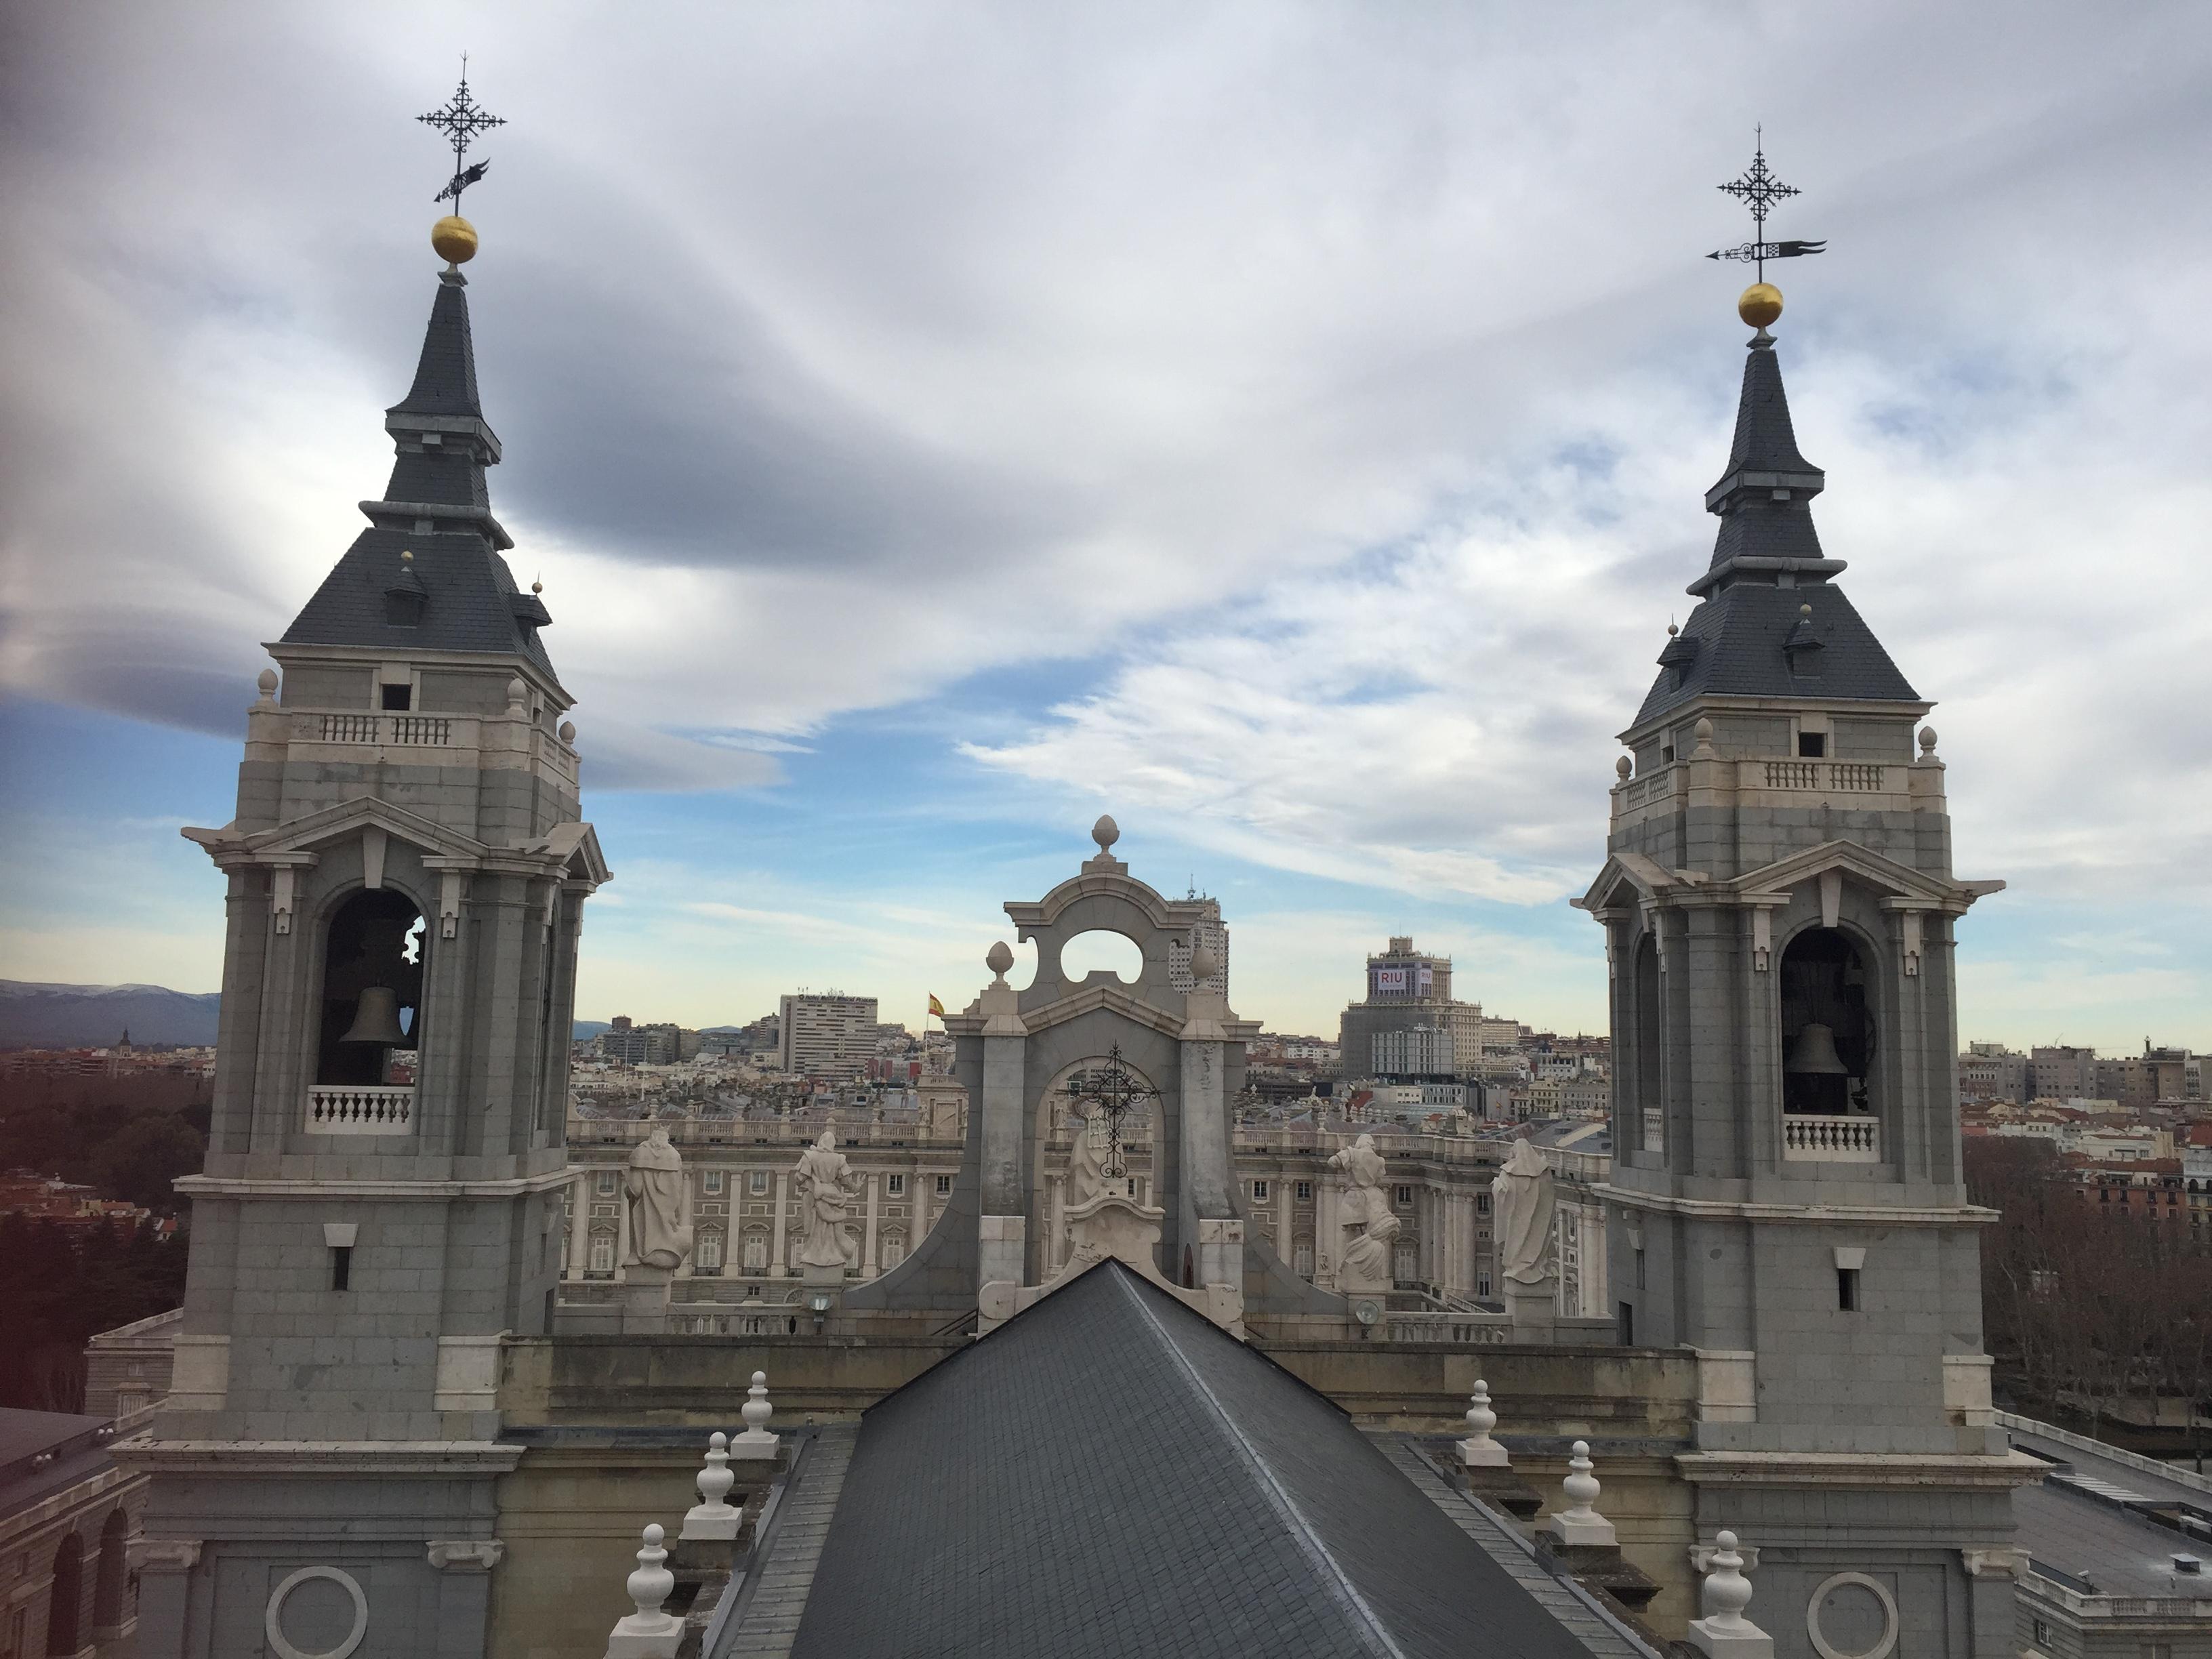 Historia, descripción y curiosidades de la Catedral de la Almudena de Madrid